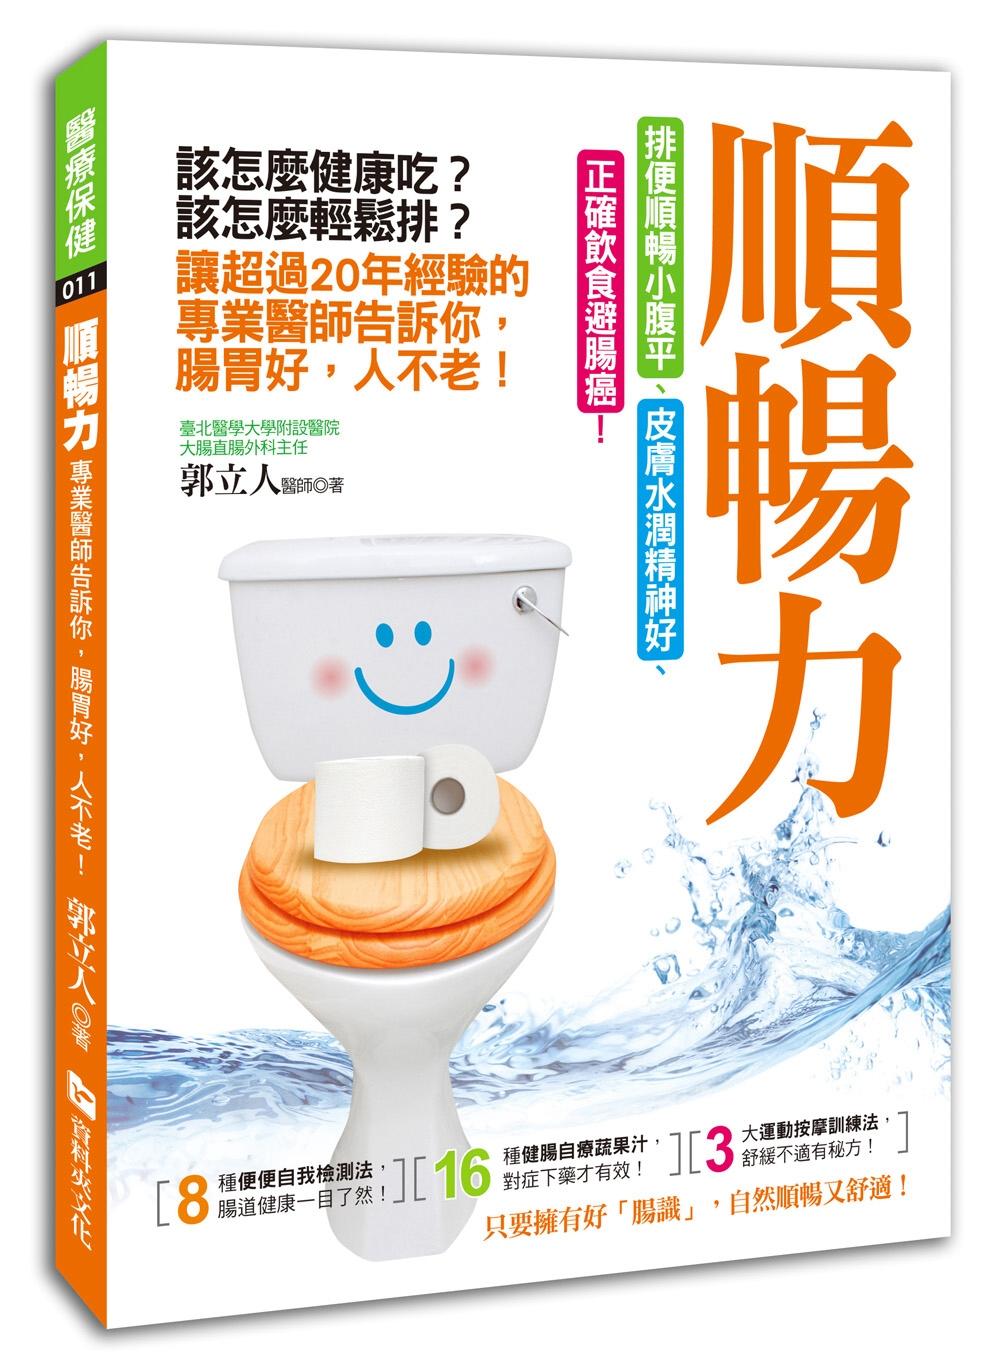 順暢力:排便順暢小腹平、皮膚水潤精神好、正確飲食避腸癌